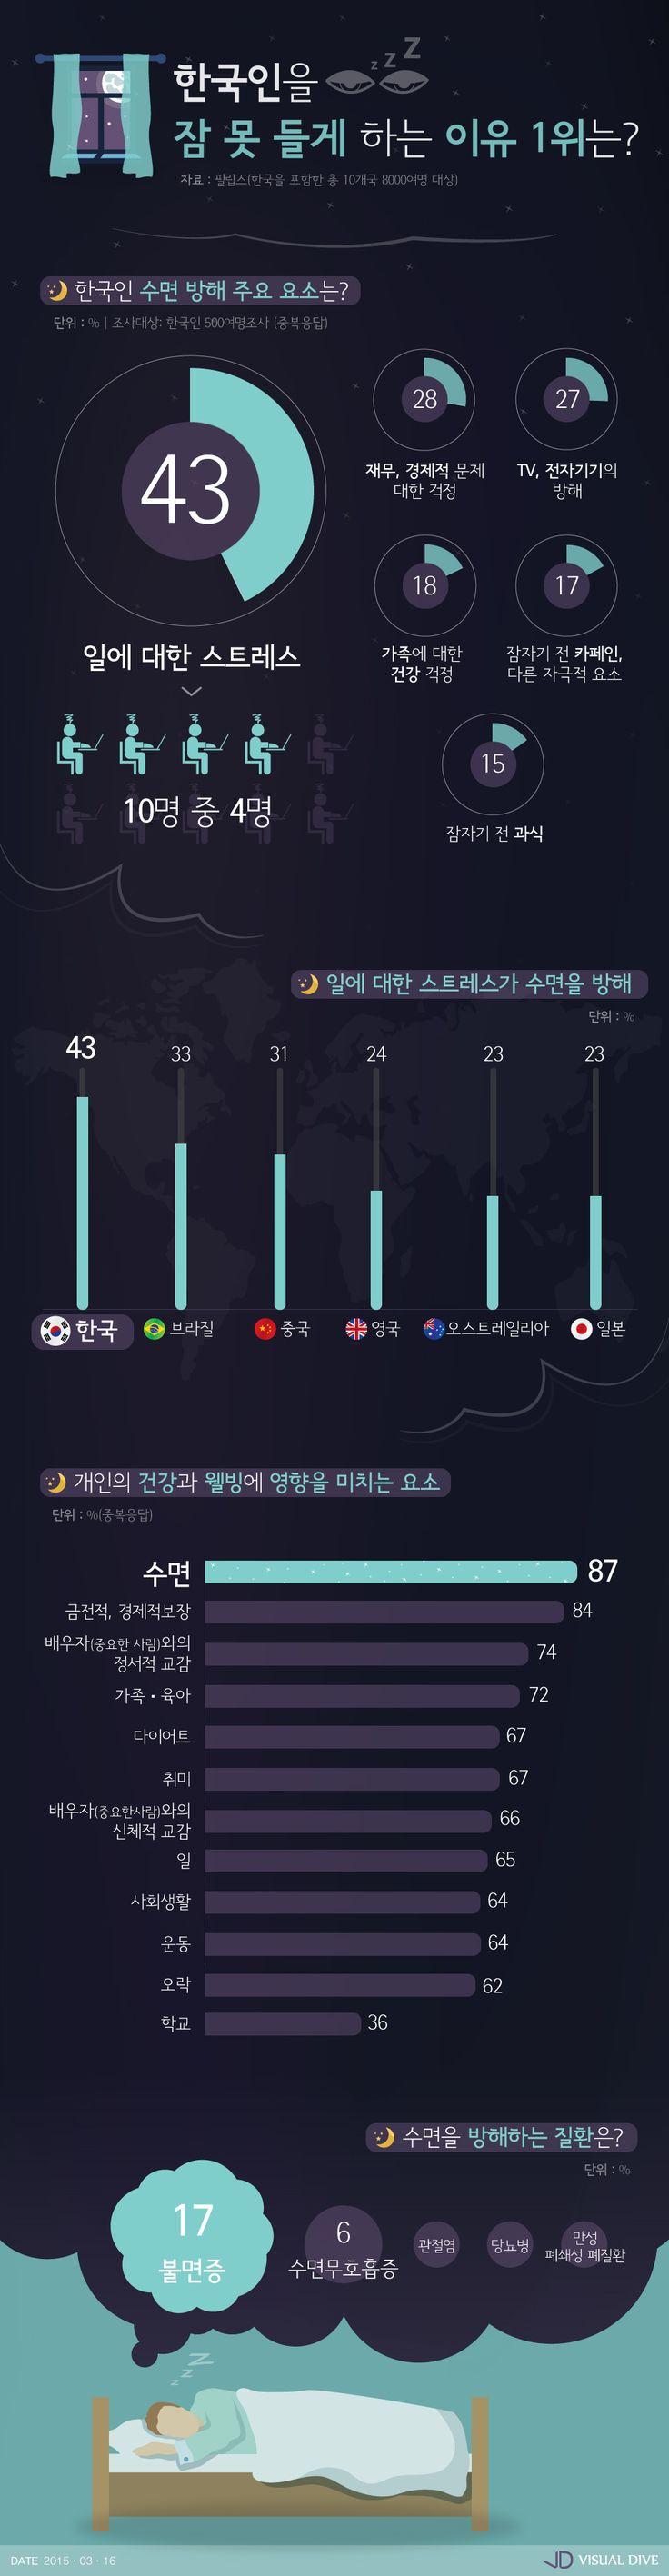 한국인 10명 중 4명, 일에 대한 걱정으로 잠 못 이뤄 [인포그래픽] #insomnia / #Infographic ⓒ 비주얼다이브 무단 복사·전재·재배포 금지